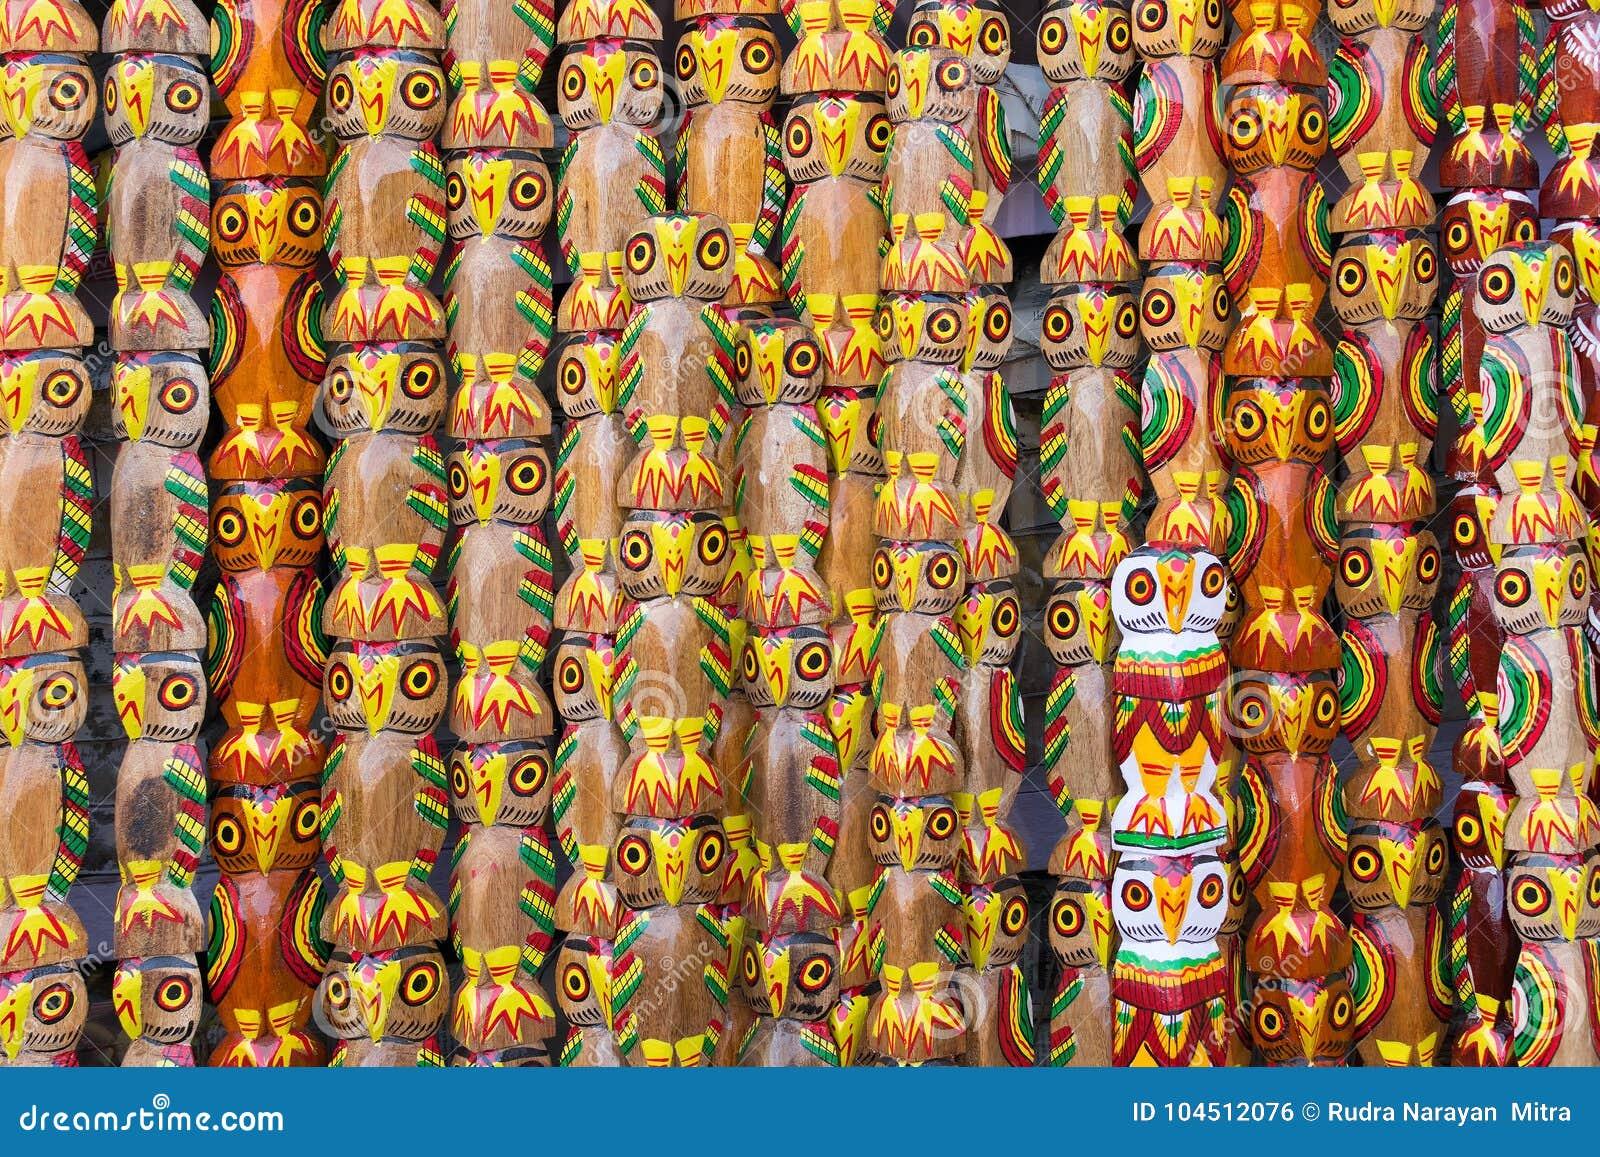 Wooden Owls Indian Handicrafts Fair At Kolkata Stock Photo Image